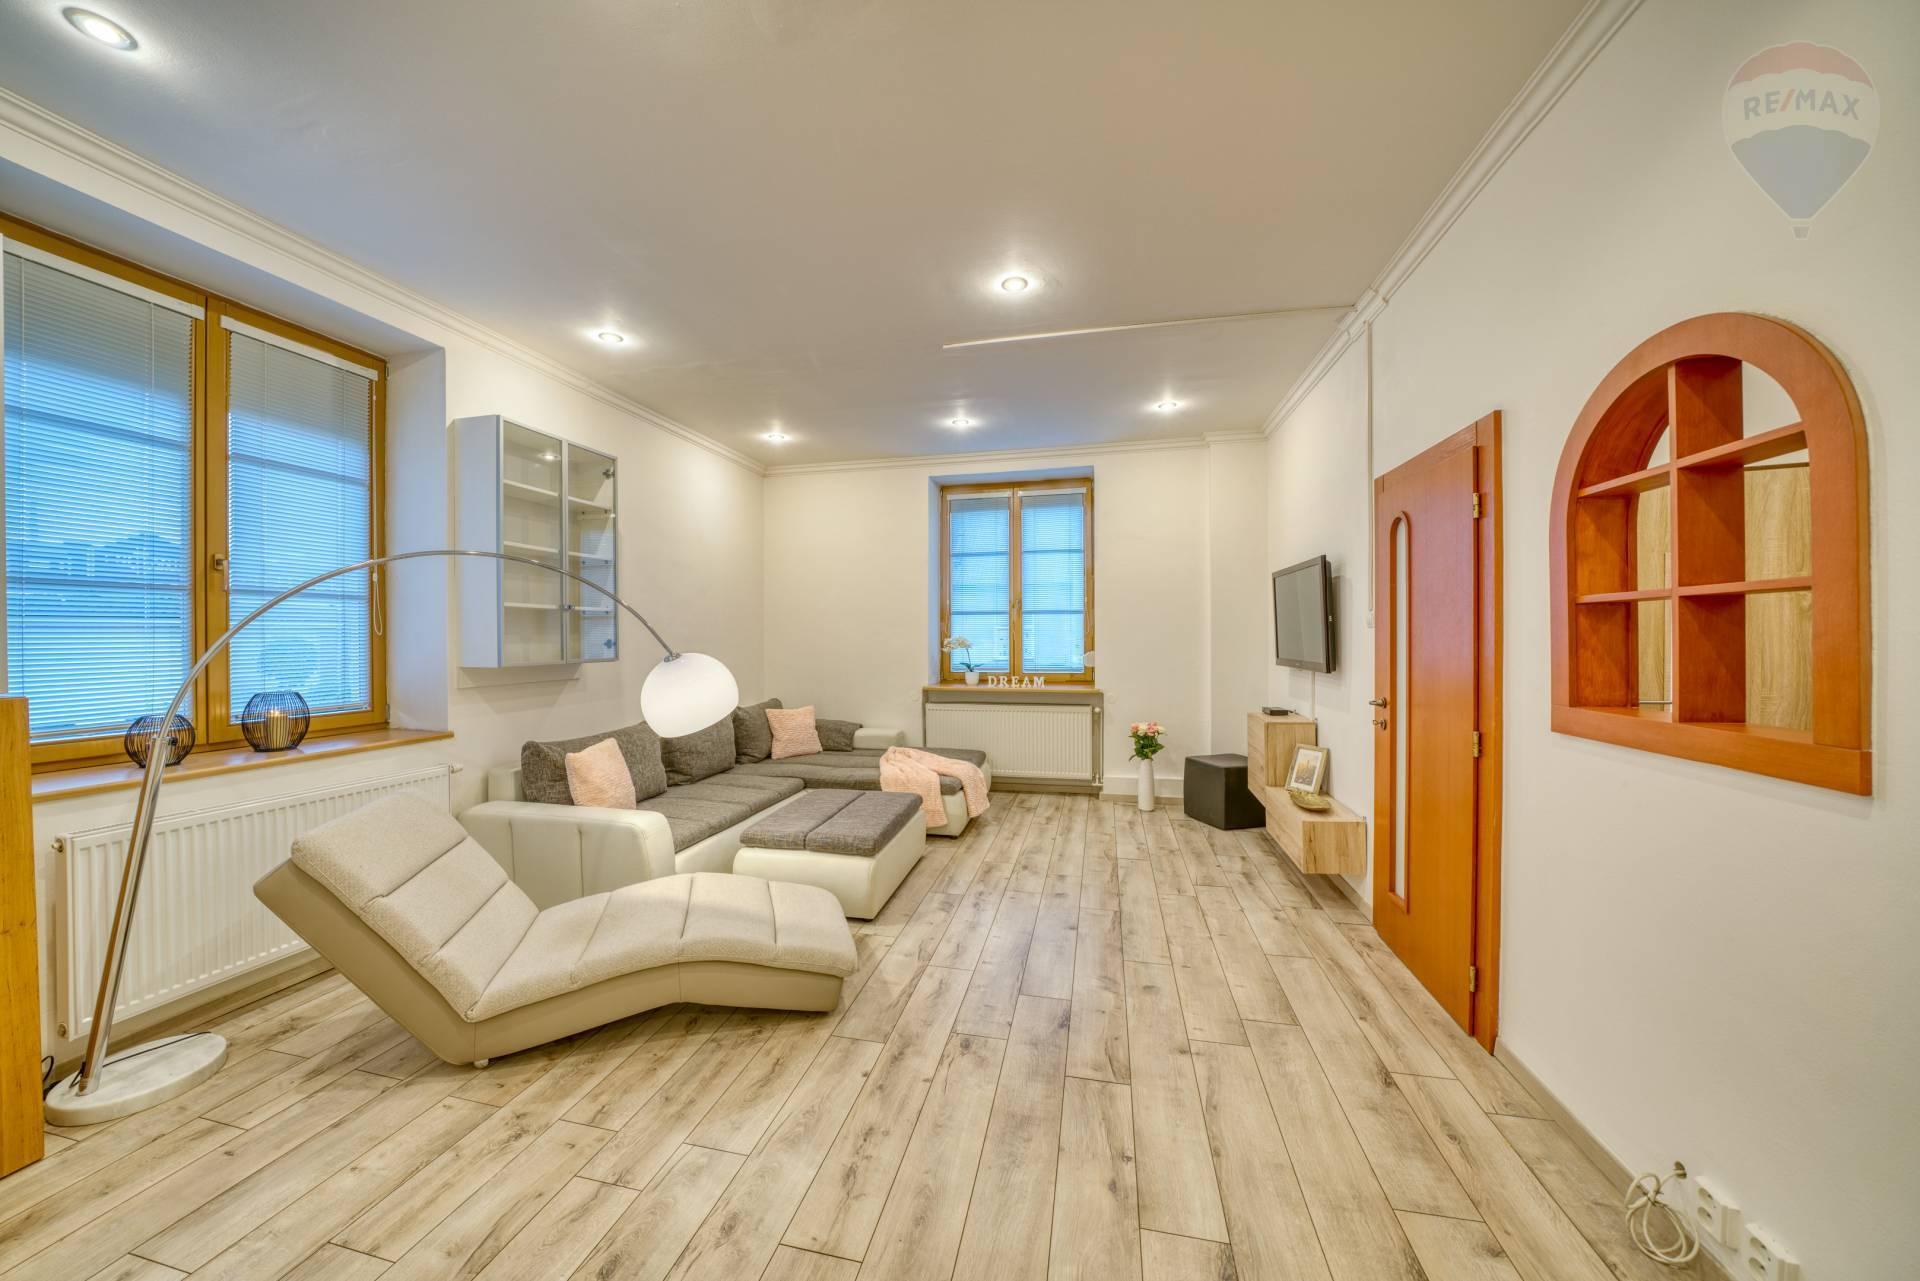 2 izbový byt na prenájom, Škultétyho ulica, Prešov